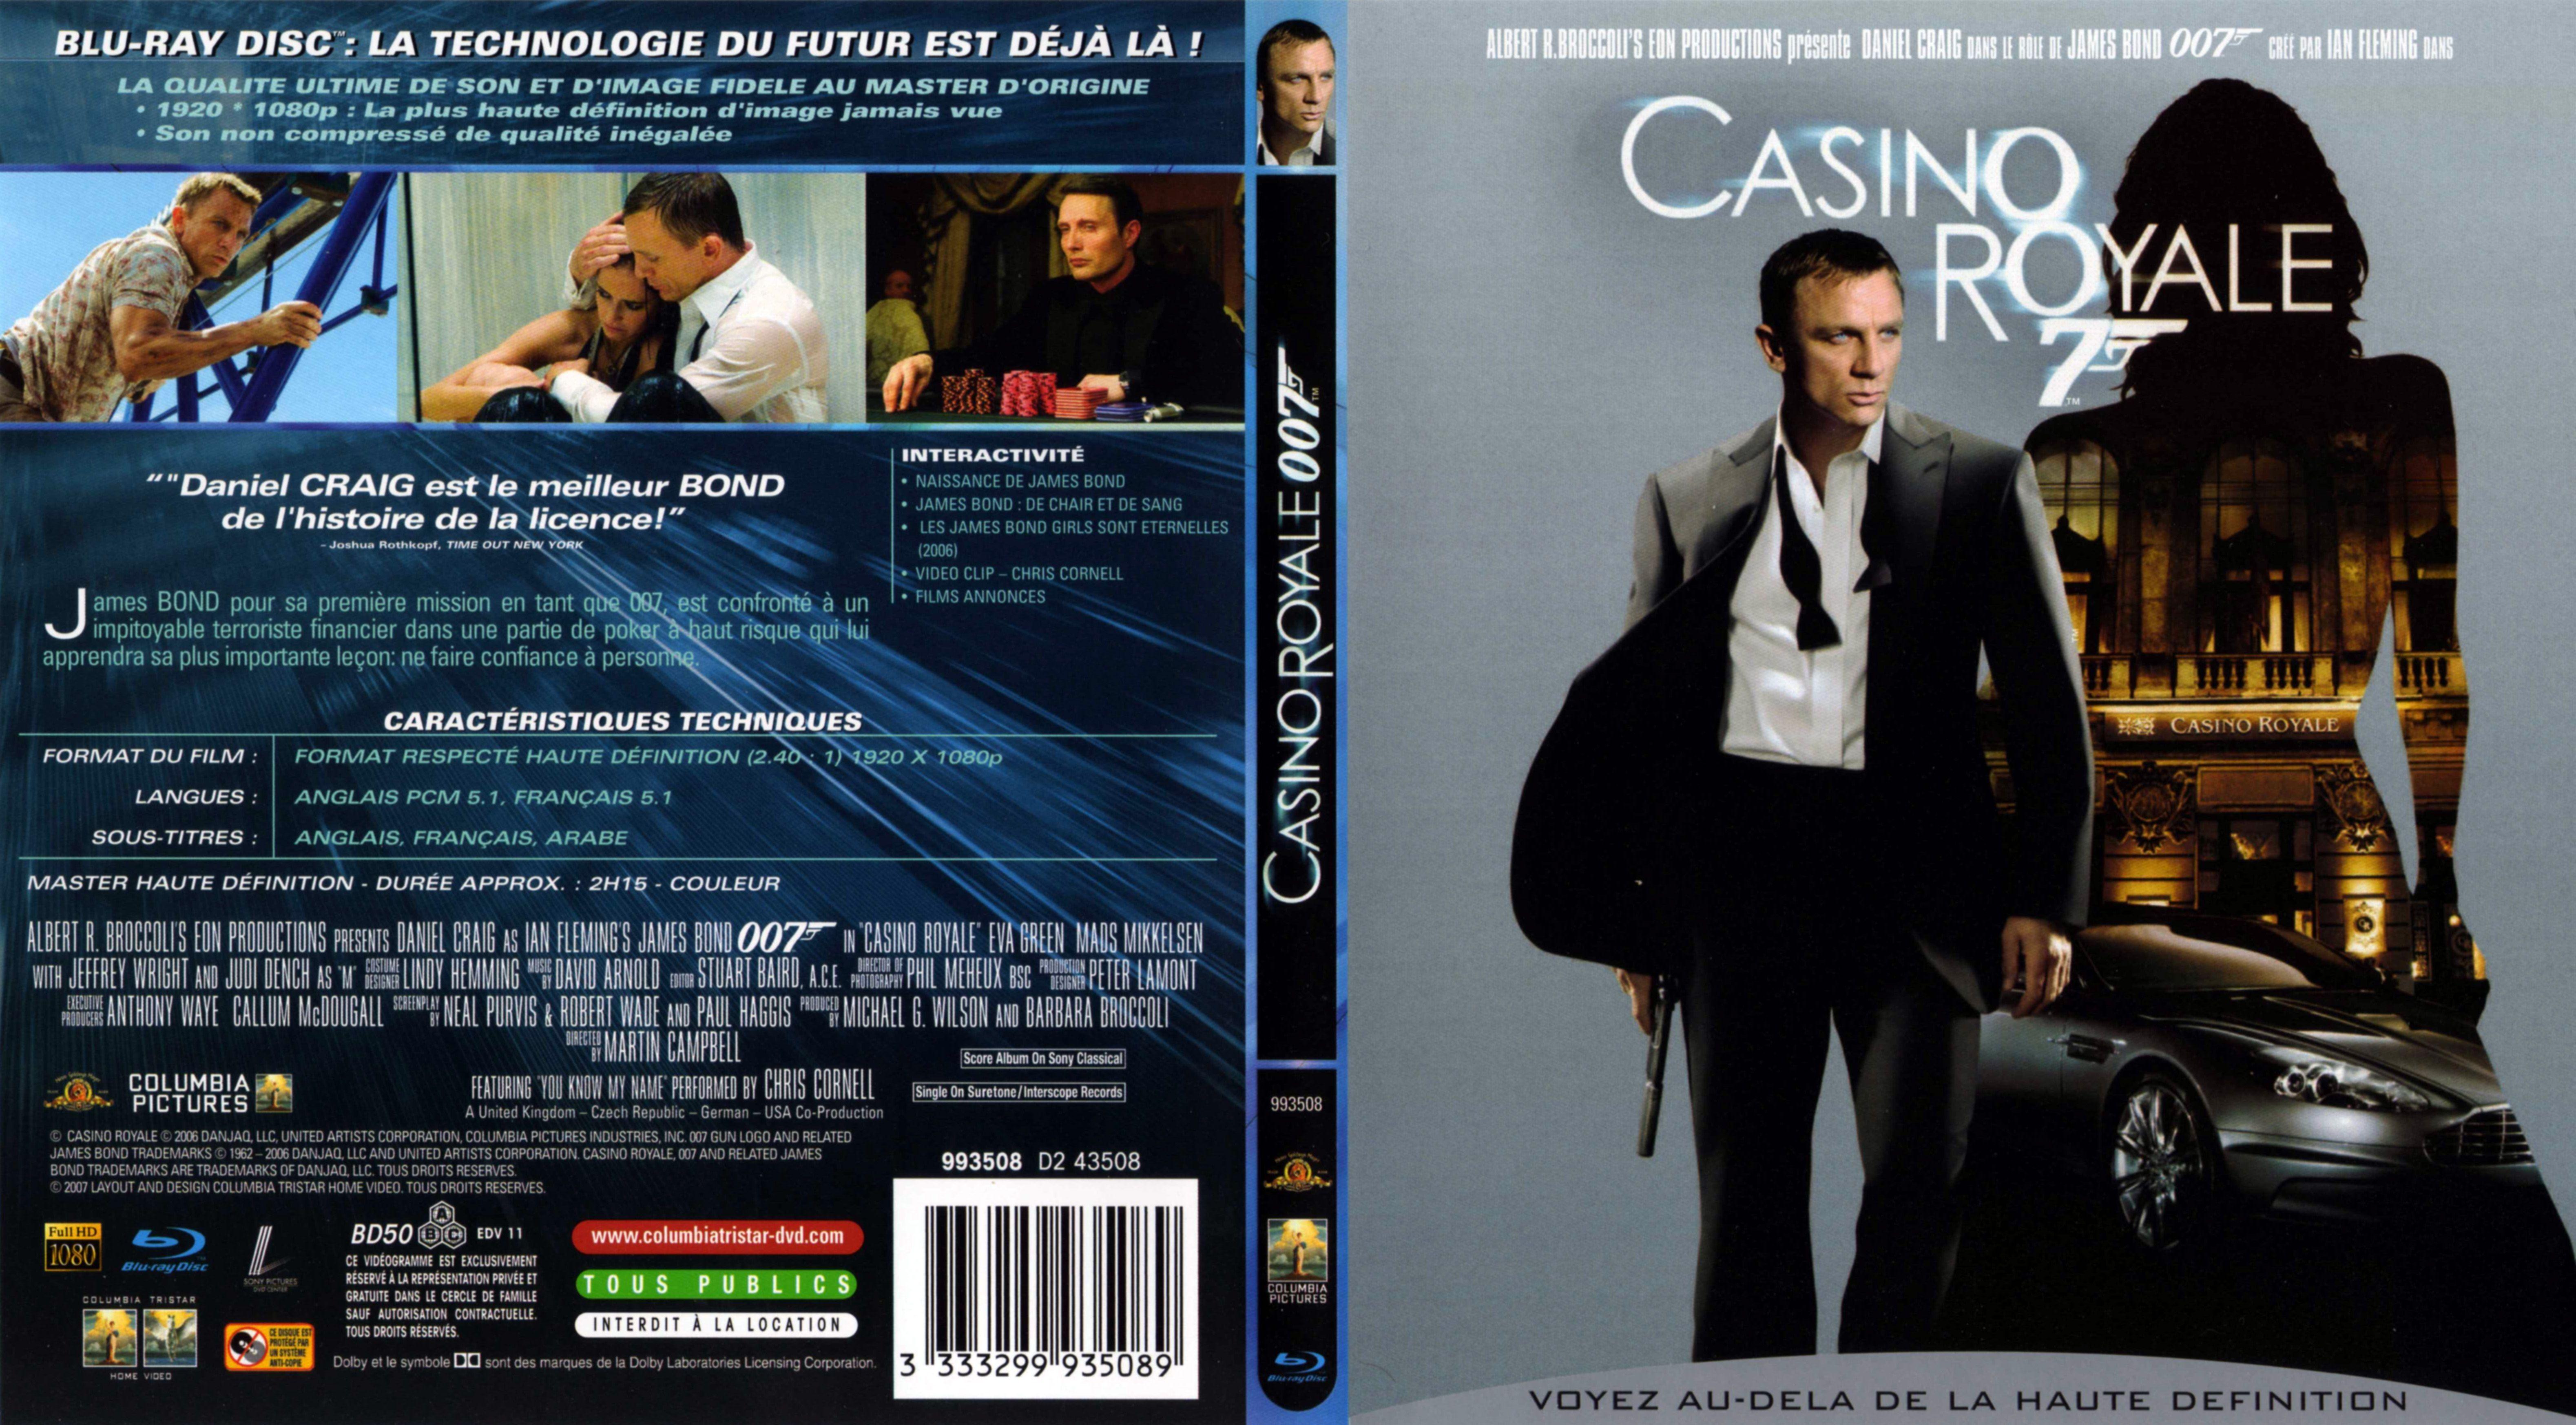 James bond casino royale streaming vf richmond casino night